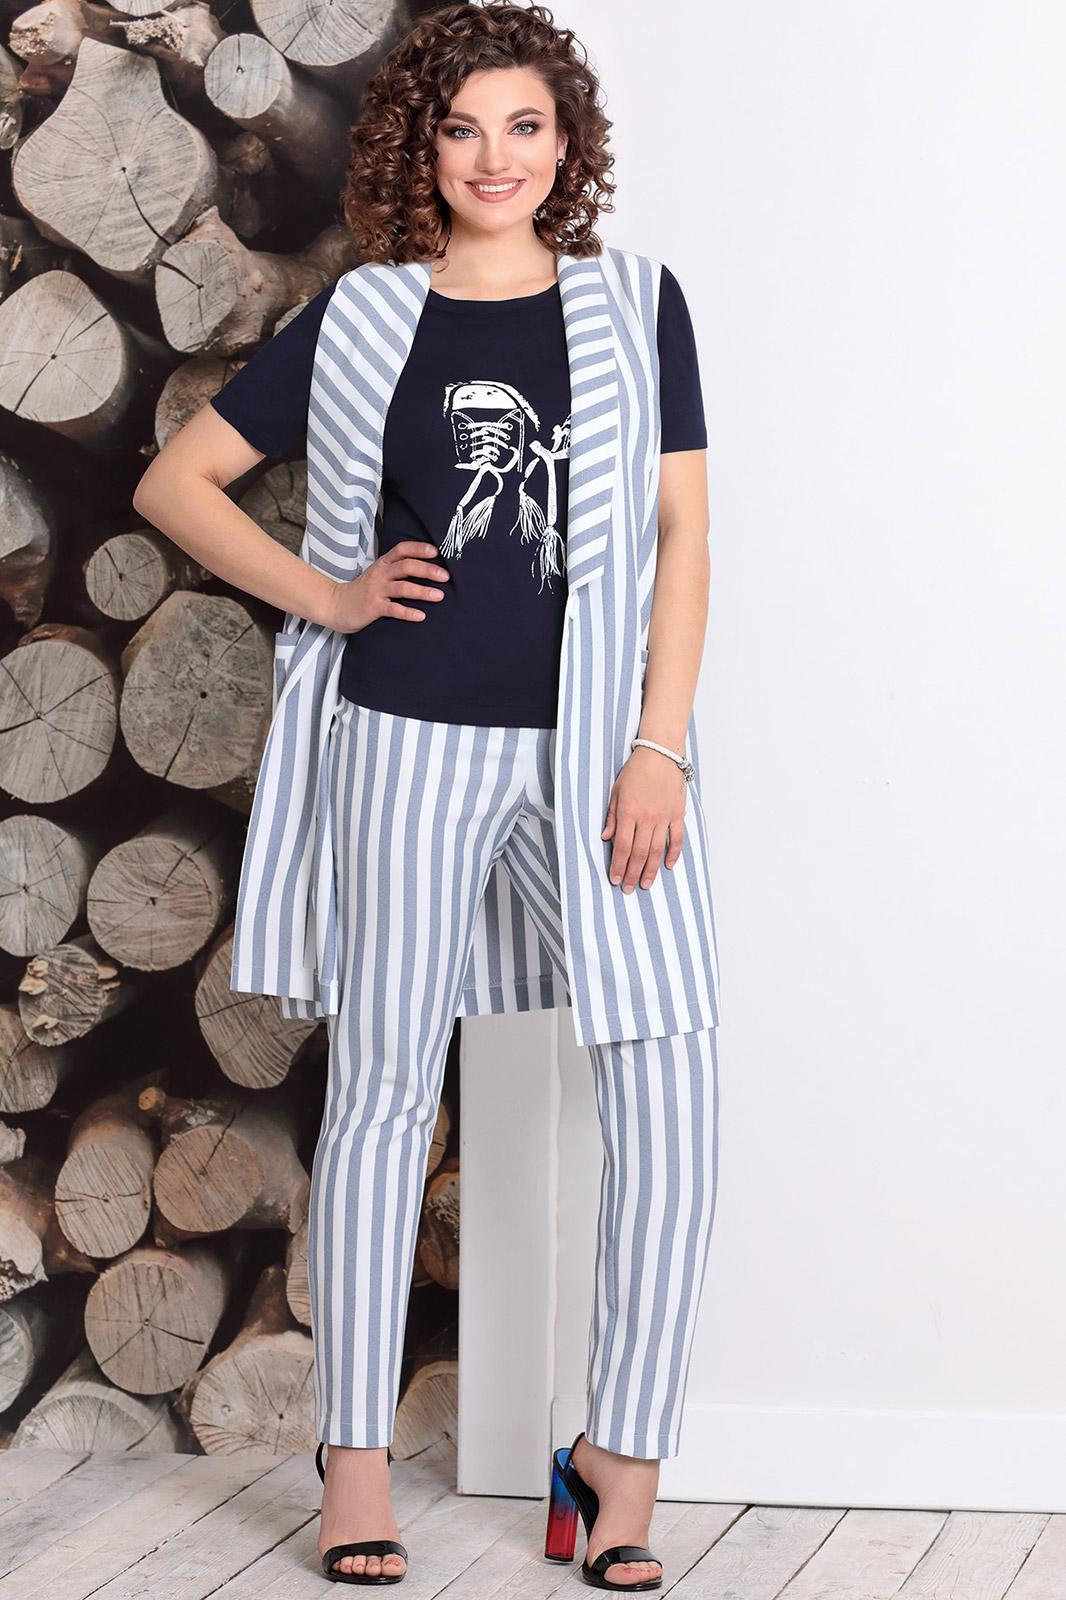 58876463a7f7 Модная женская одежда оптом и в розницу из Беларуси | Интернет ...